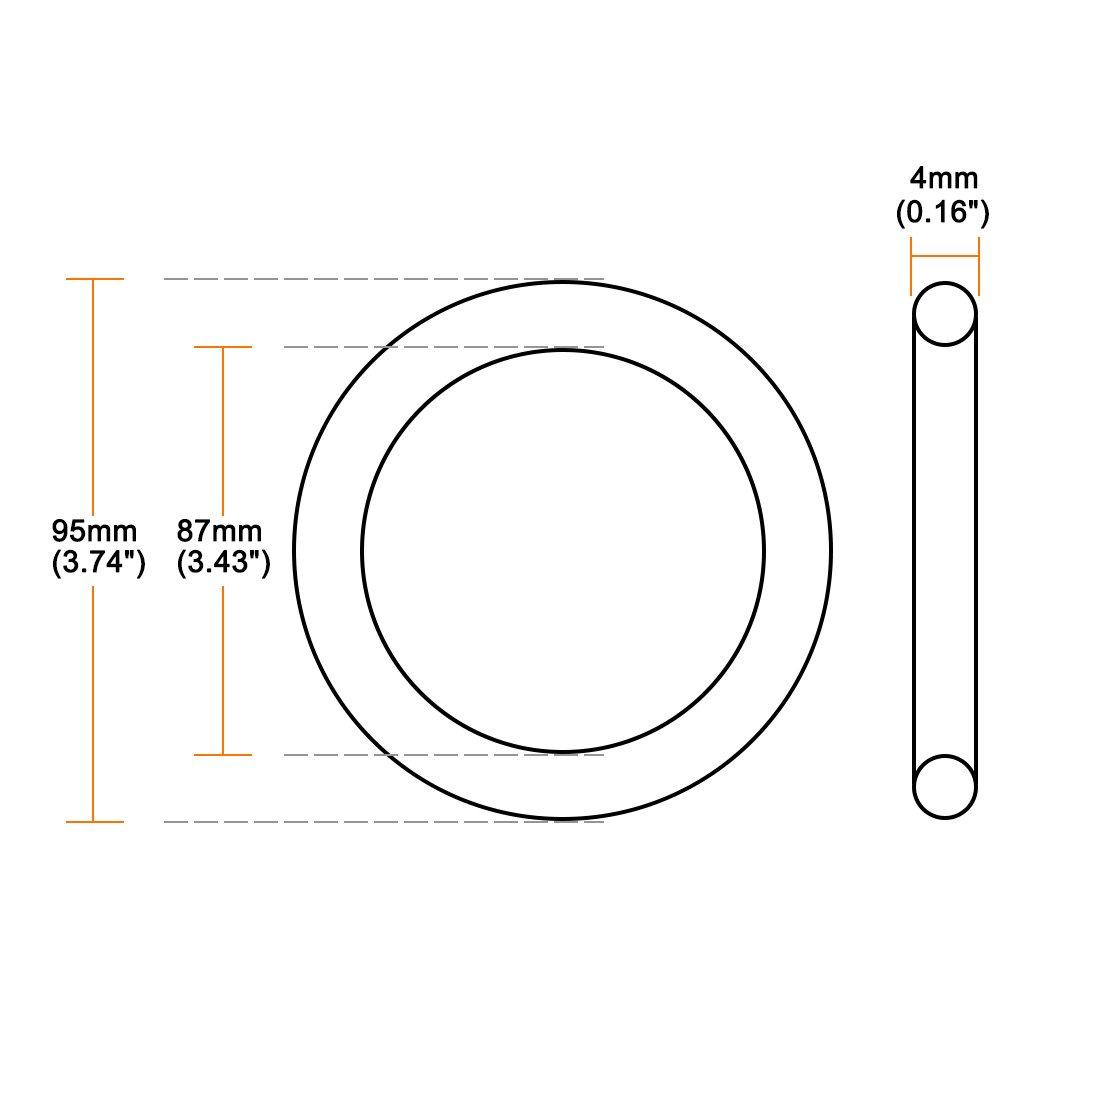 uxcell 4/mm d/épaisseur en caoutchouc nitrile joints toriques d/étanch/éit/é Bagues d/étanch/éit/é Joint d/étanch/éit/é 77mmx85mmx4mm